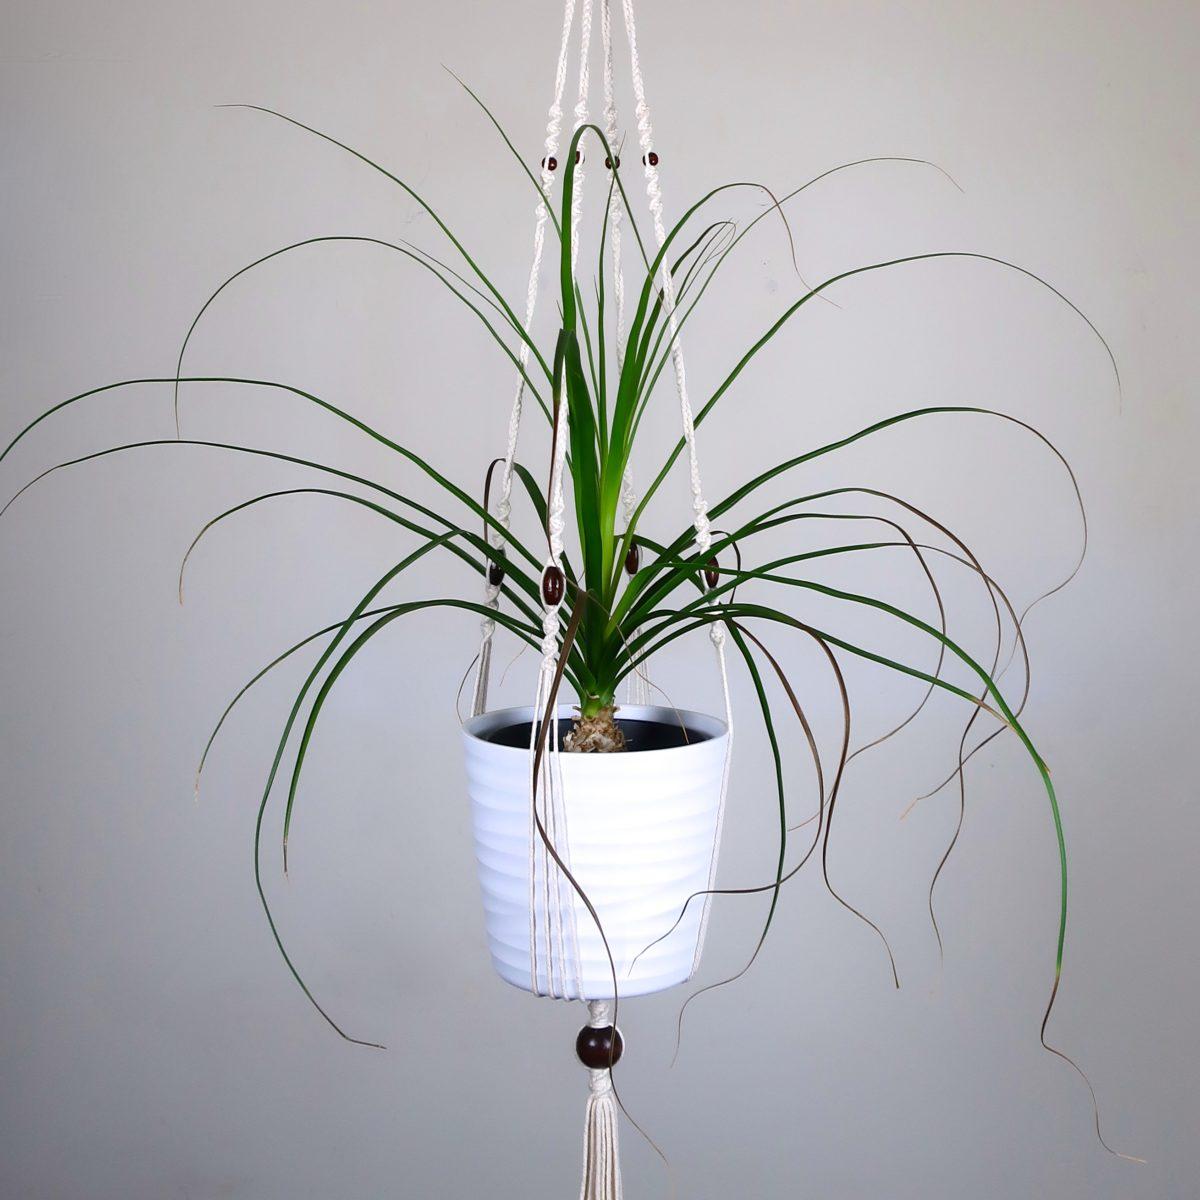 Suspension macramé pour plante d'intérieur